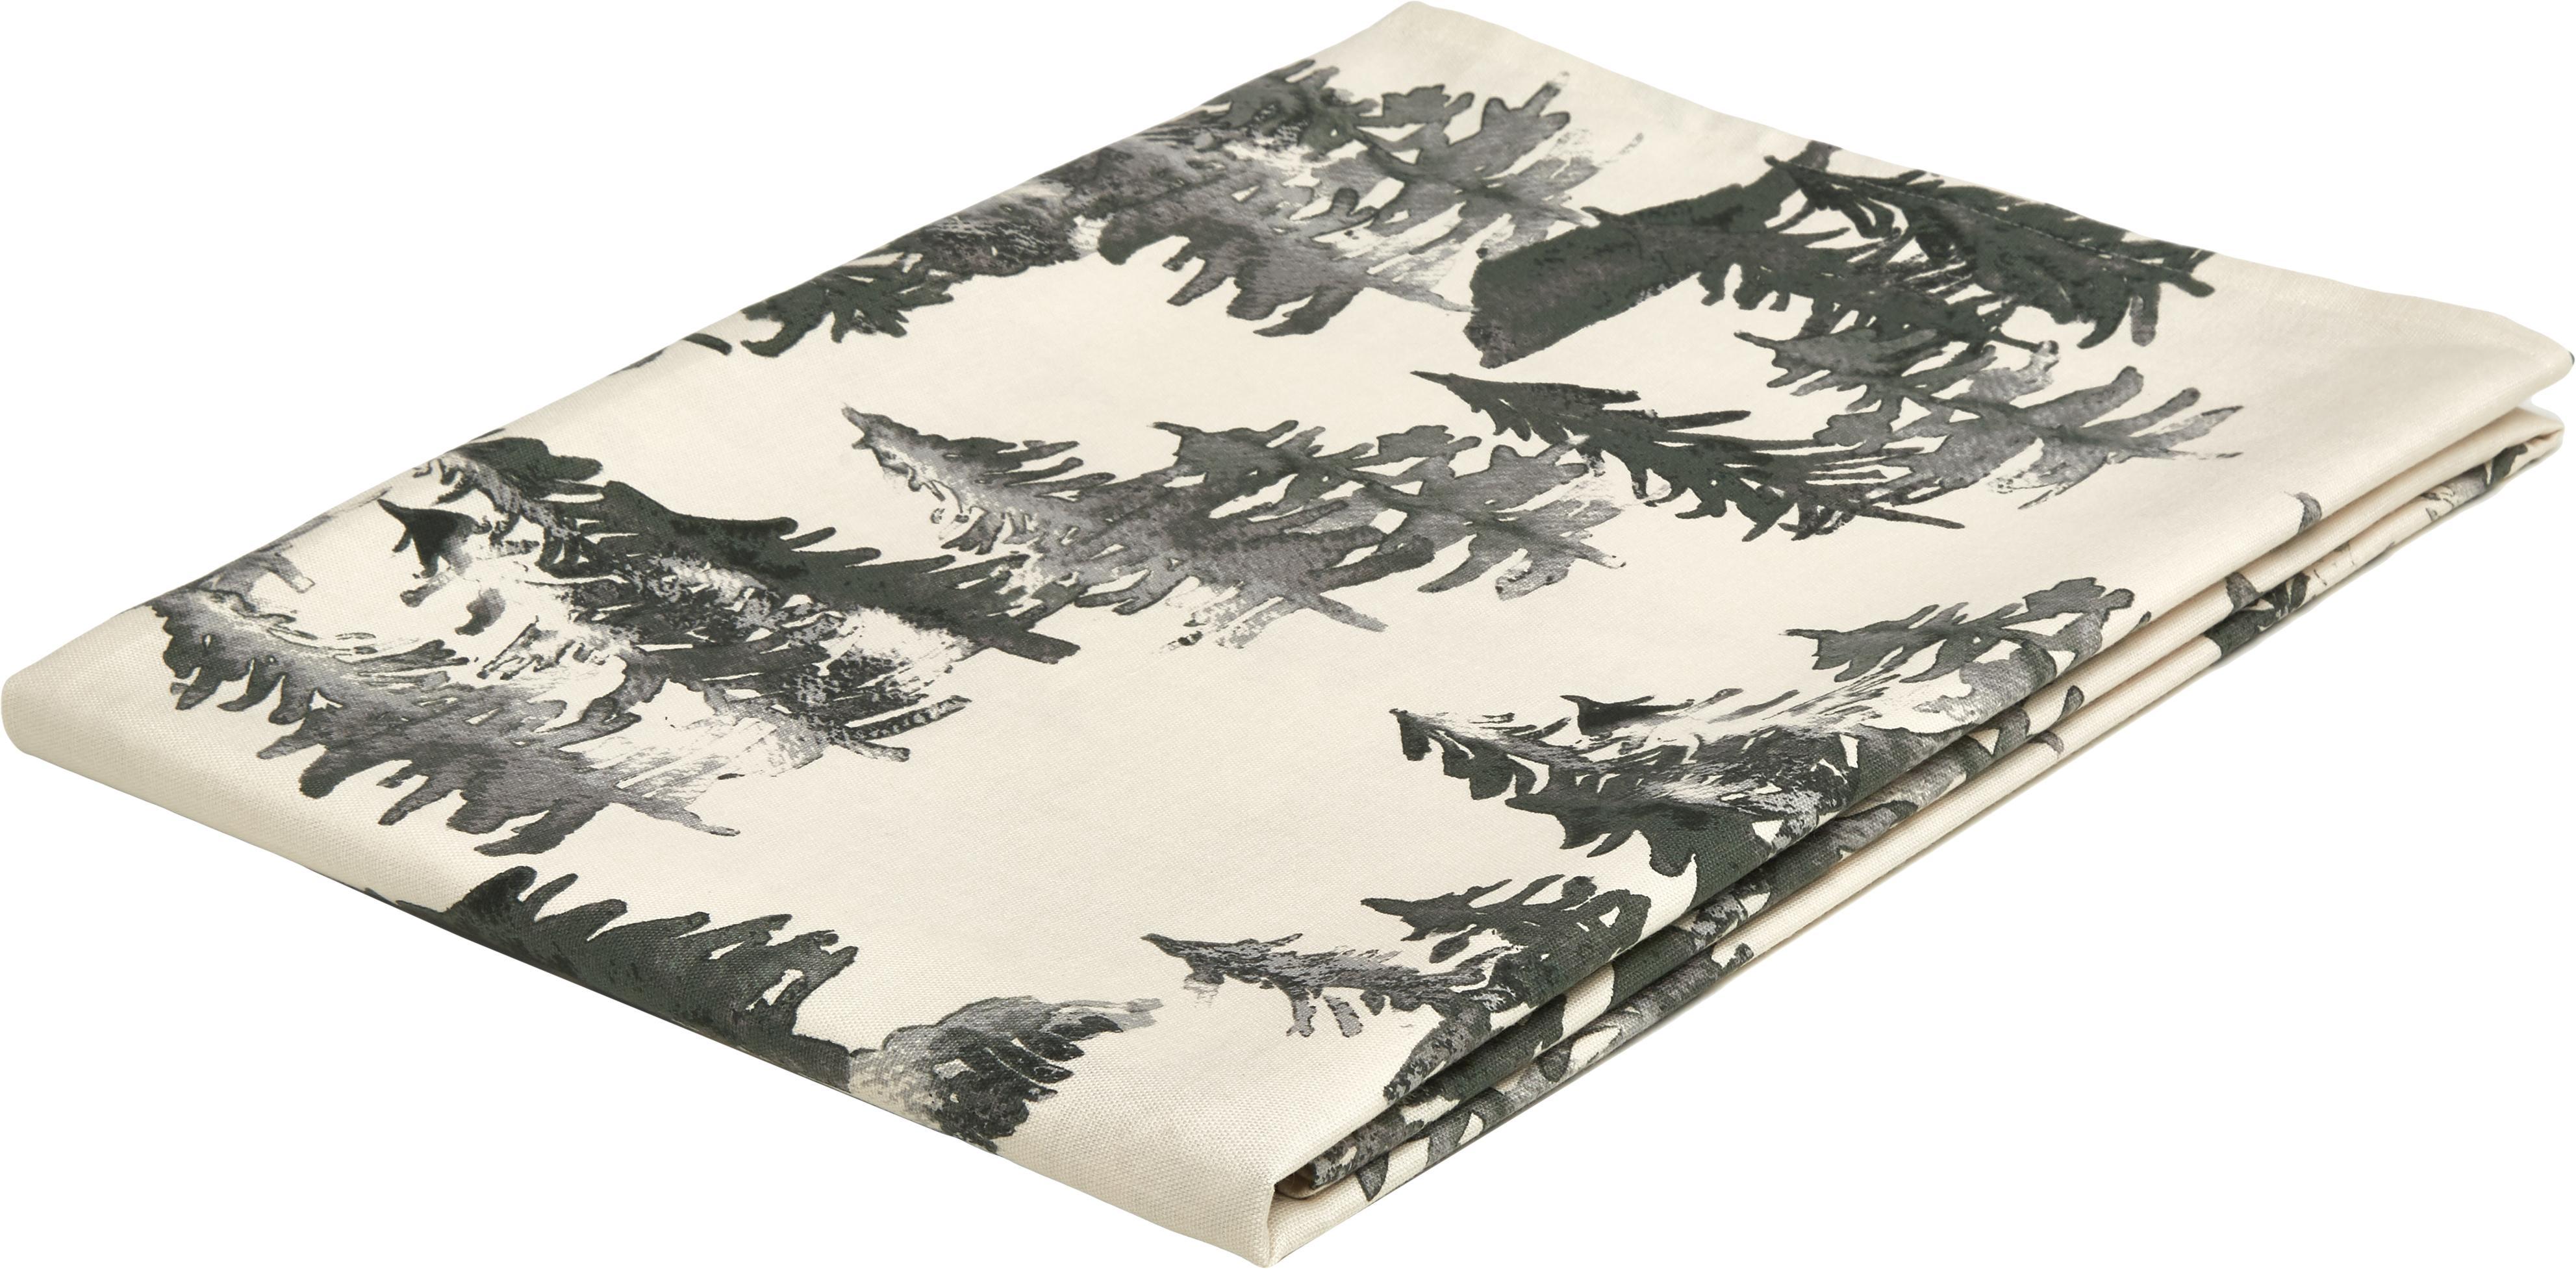 Tovaglia Forrest, 100% cotone da coltivazione sostenibile, Crema, tonalità verdi e grigie, Larg. 145 x Lung. 200 cm